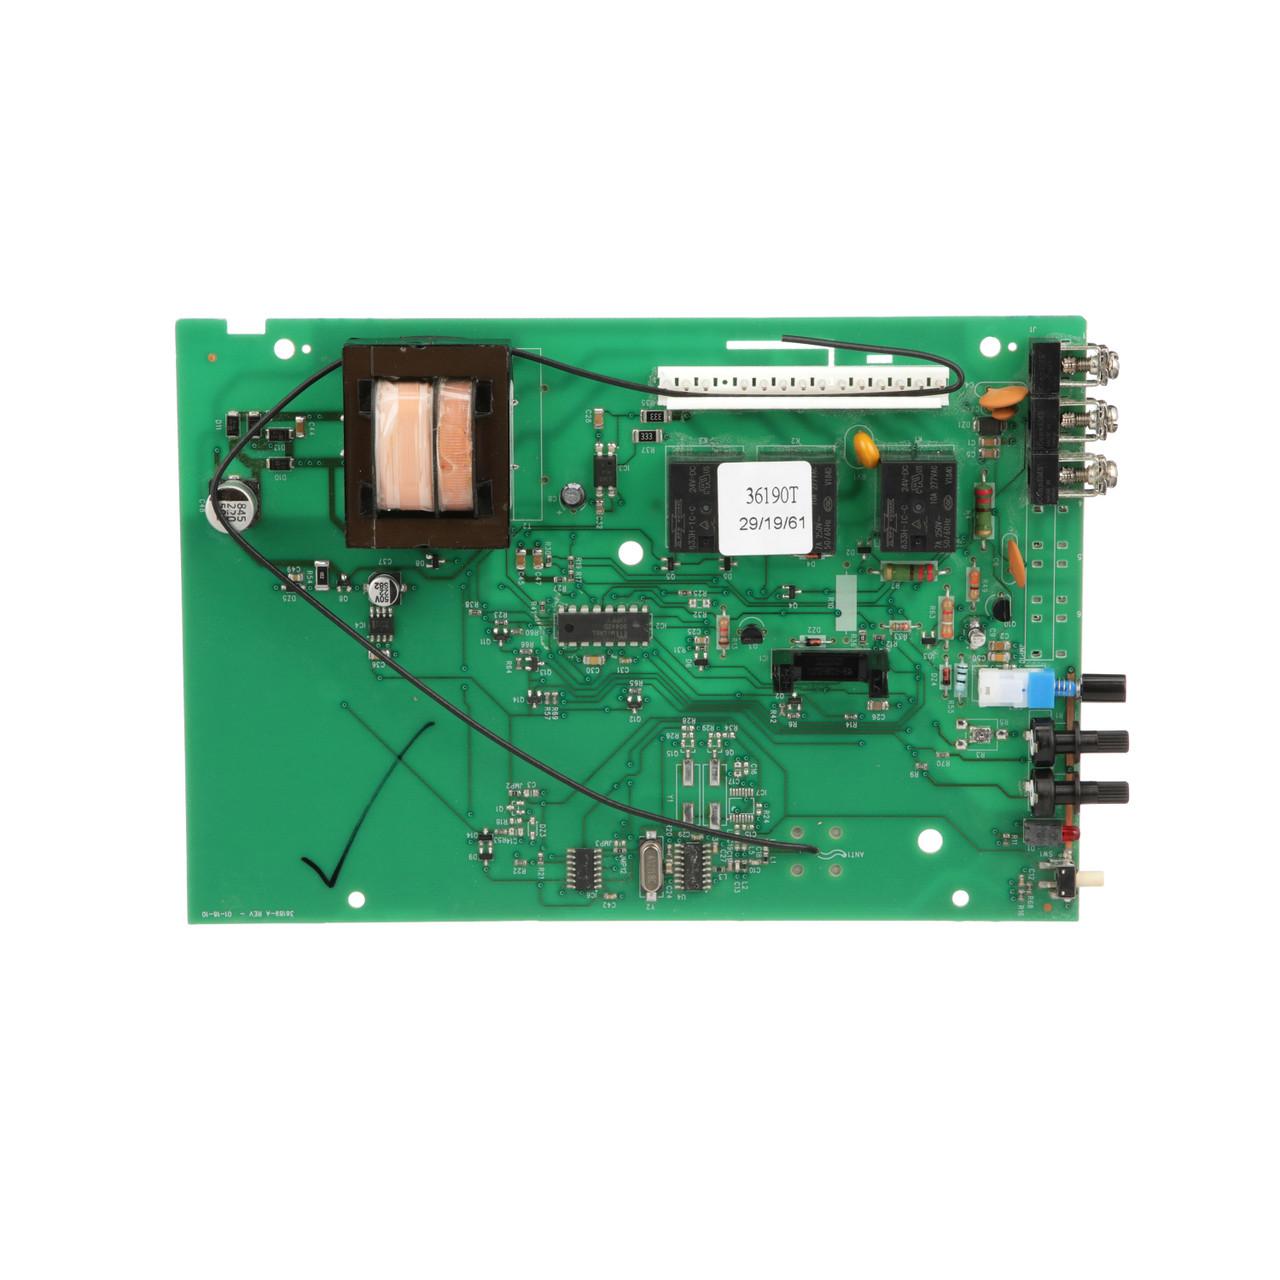 CIRCUIT BOARD - LEGACY CD/B - 20380R